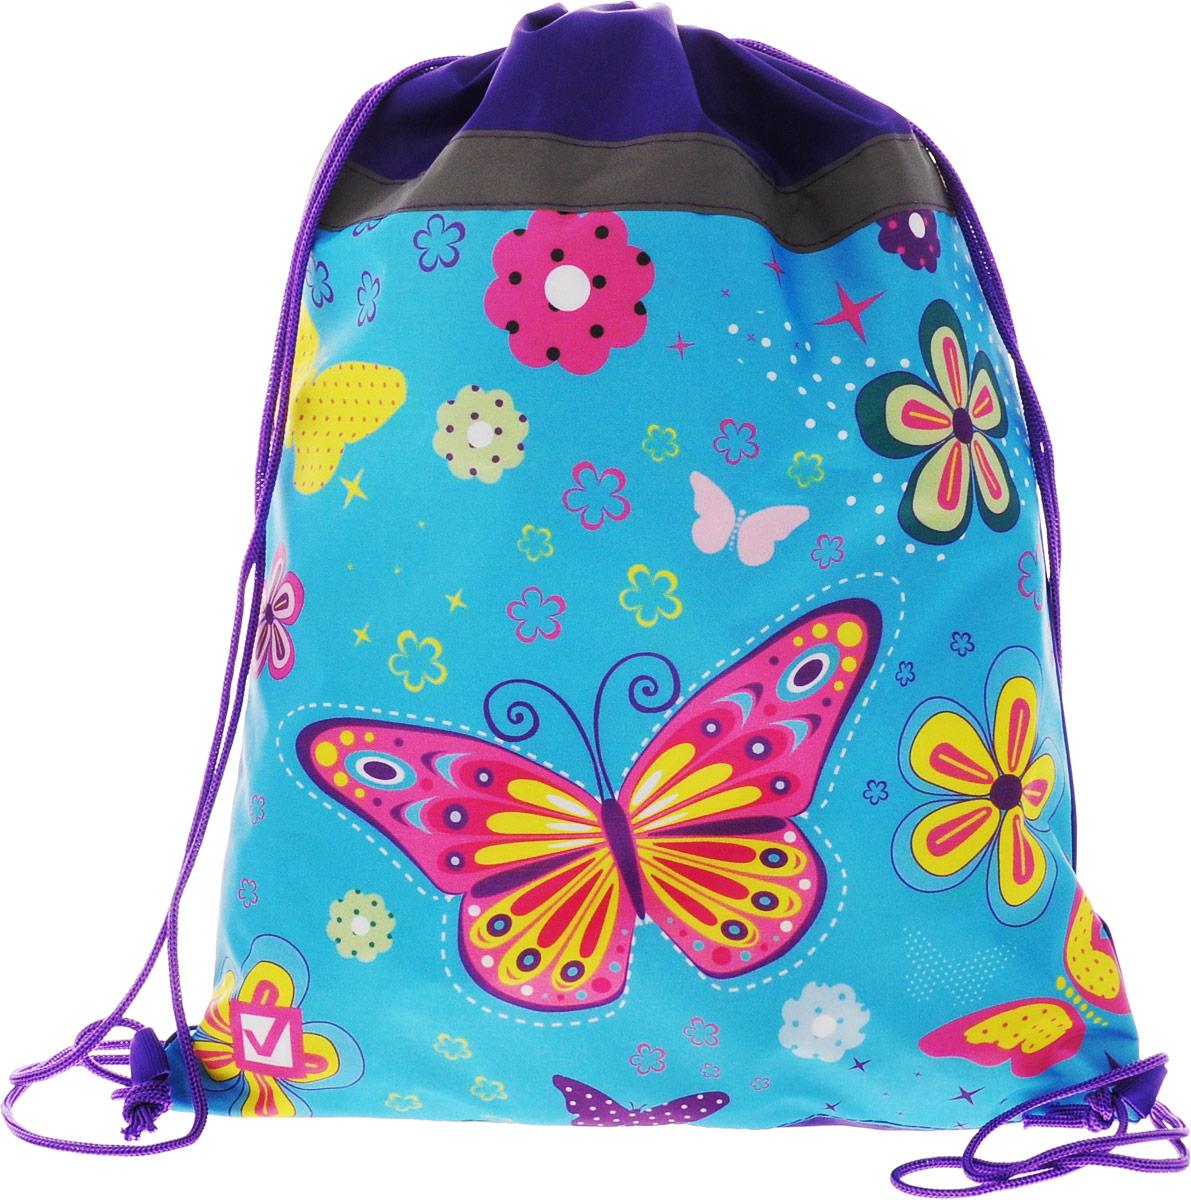 Brauberg Сумка для сменной обуви Бабочка цвет голубой фиолетовый226504_голубой, фиолетовыйСумка для сменной обуви Brauberg предназначена для детей 7-10 лет. Затягивается шнурком и имеет светоотражающую полосу. Яркий и оригинальный принт обязательно привлечет внимание школьников.